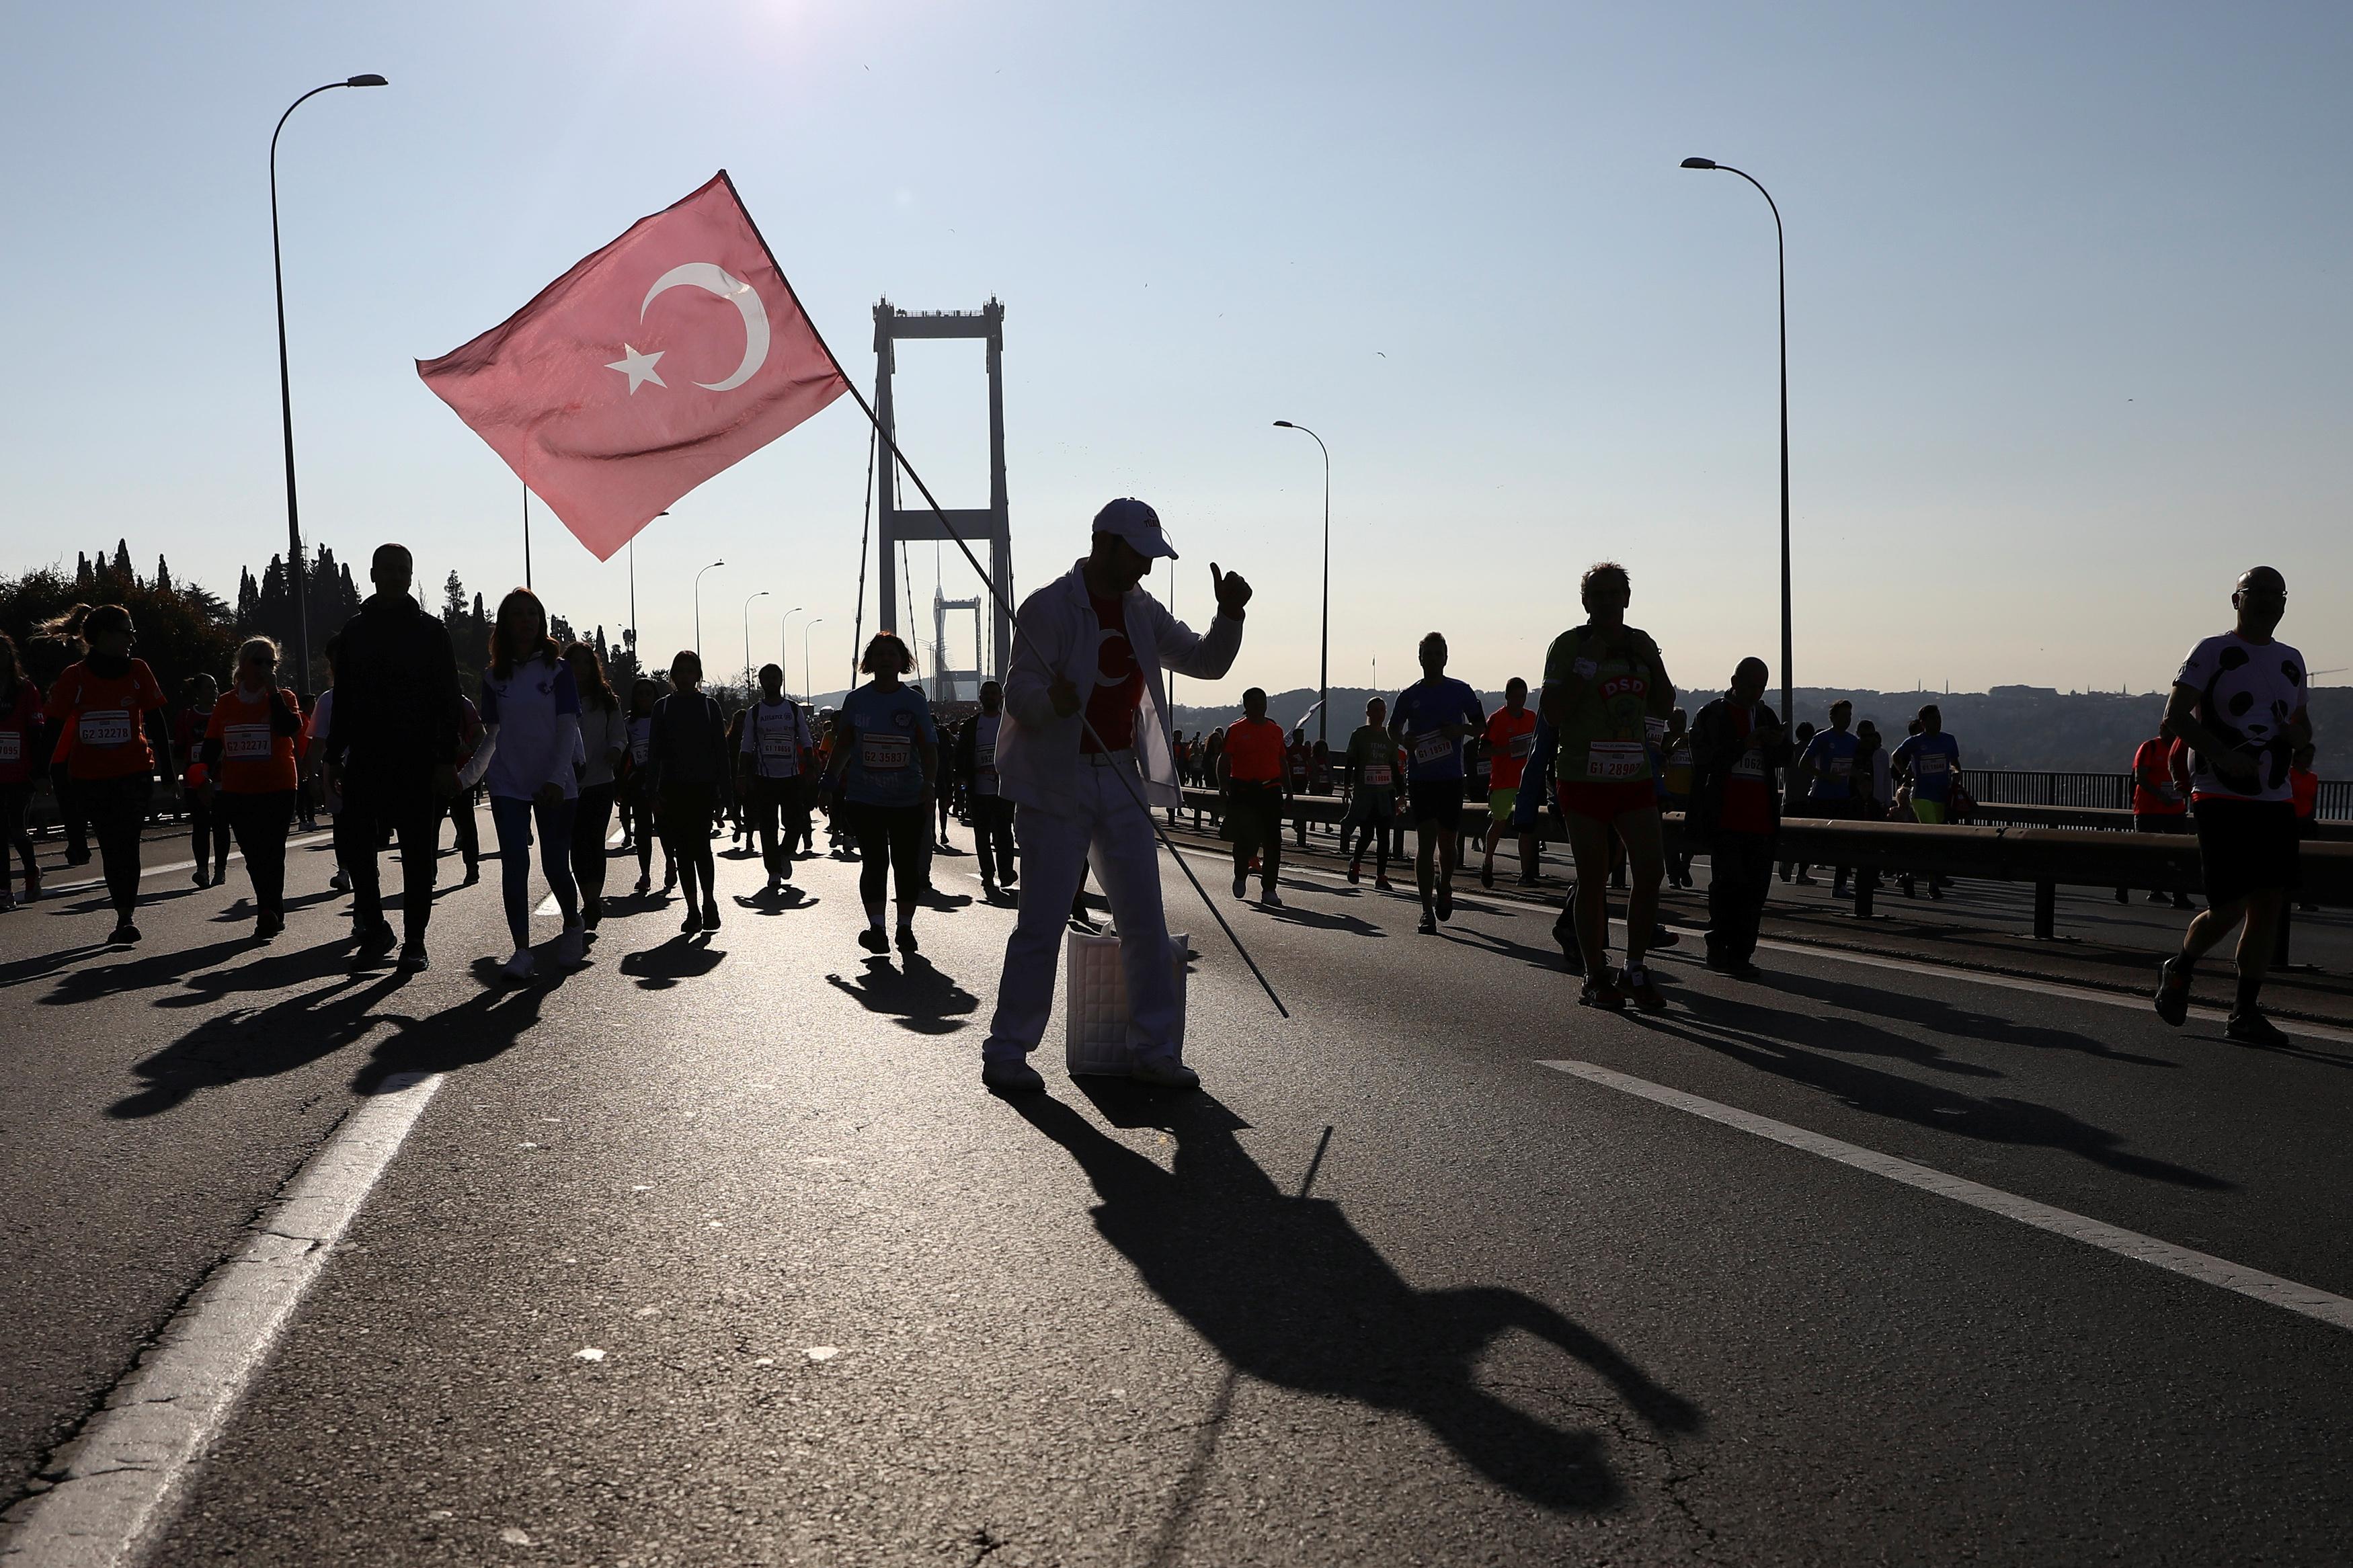 Τουρκία: Απέλαση δέκα Γερμανών πολιτών που σχετίζονται με το Ισλαμικό Κράτος